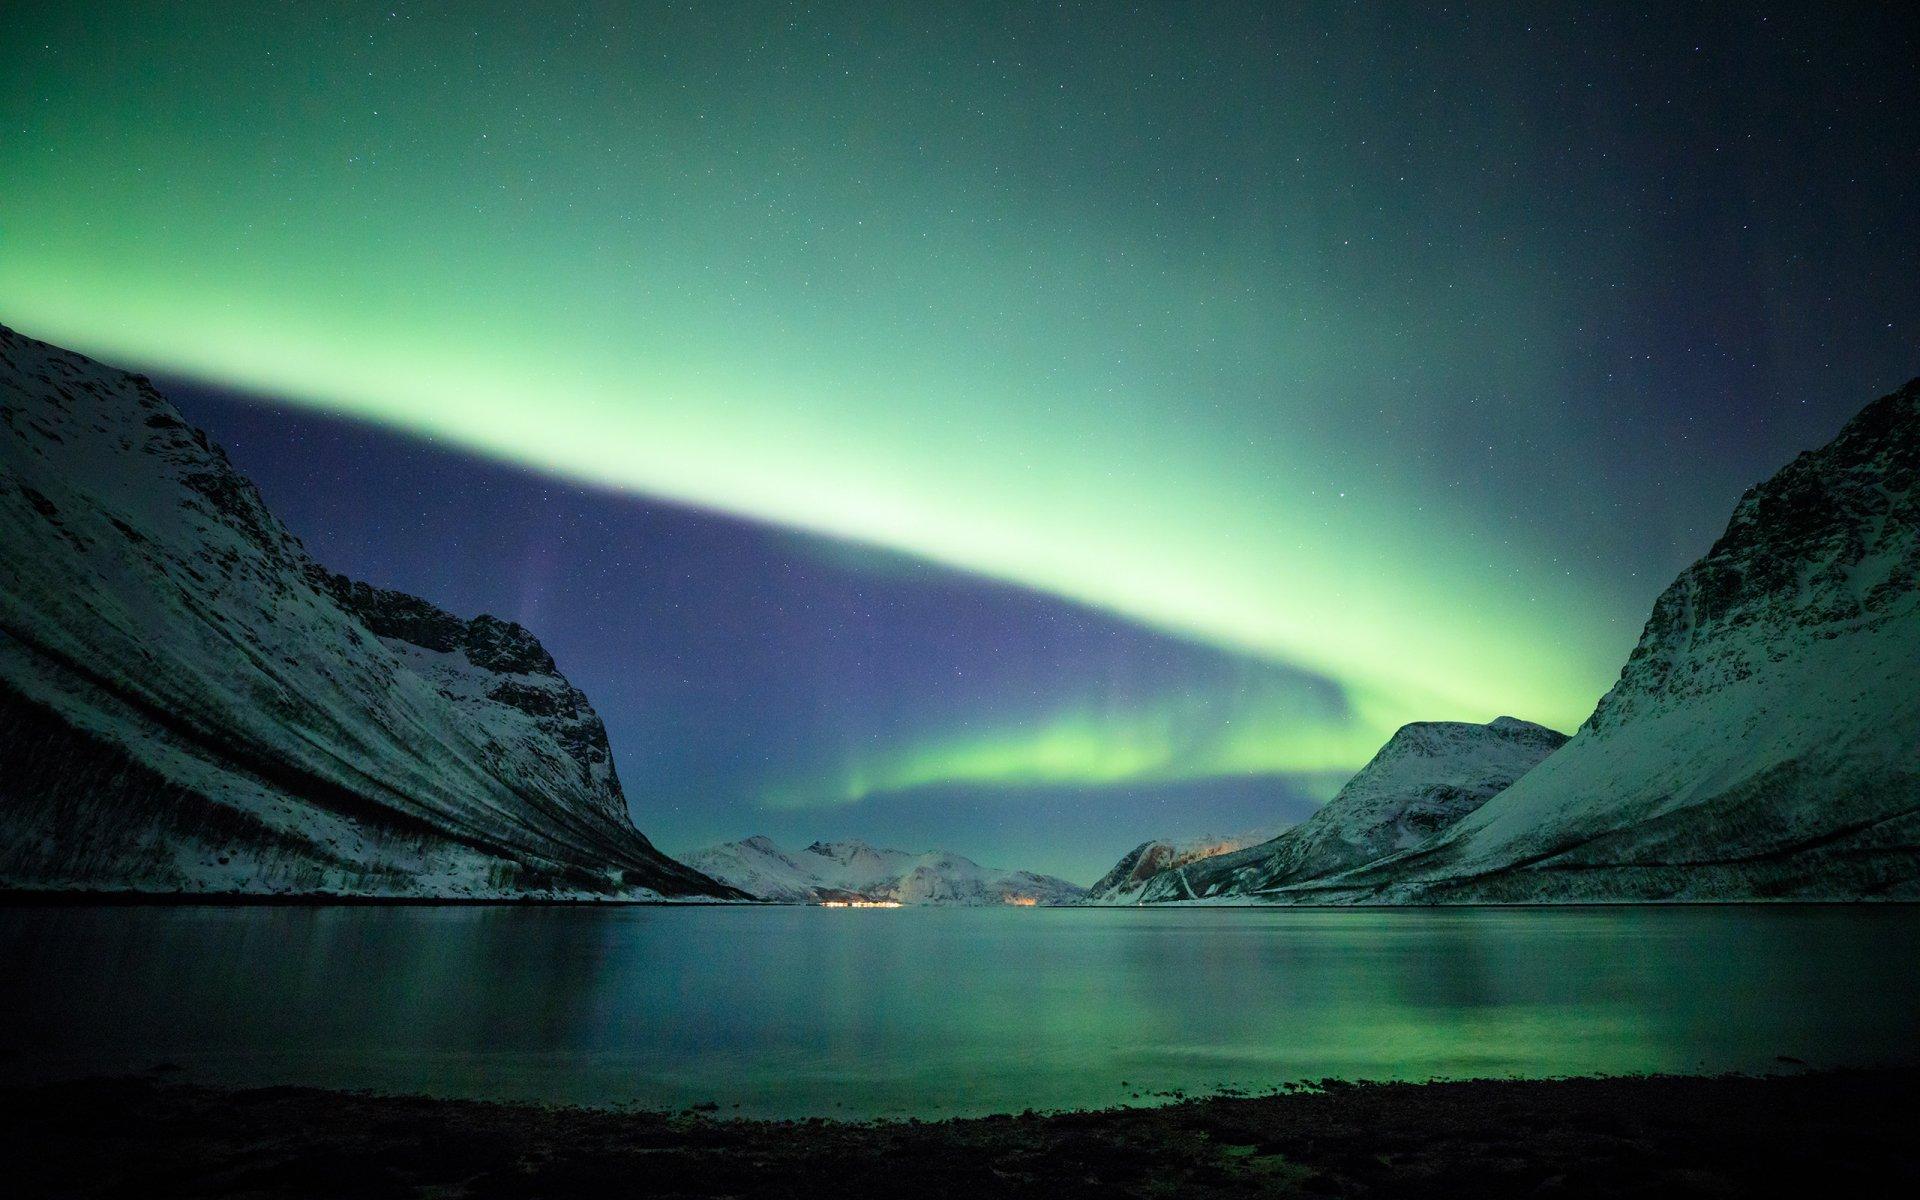 Aurora boreale hd wallpaper sfondi 2560x1600 id for Sfondi aurora boreale